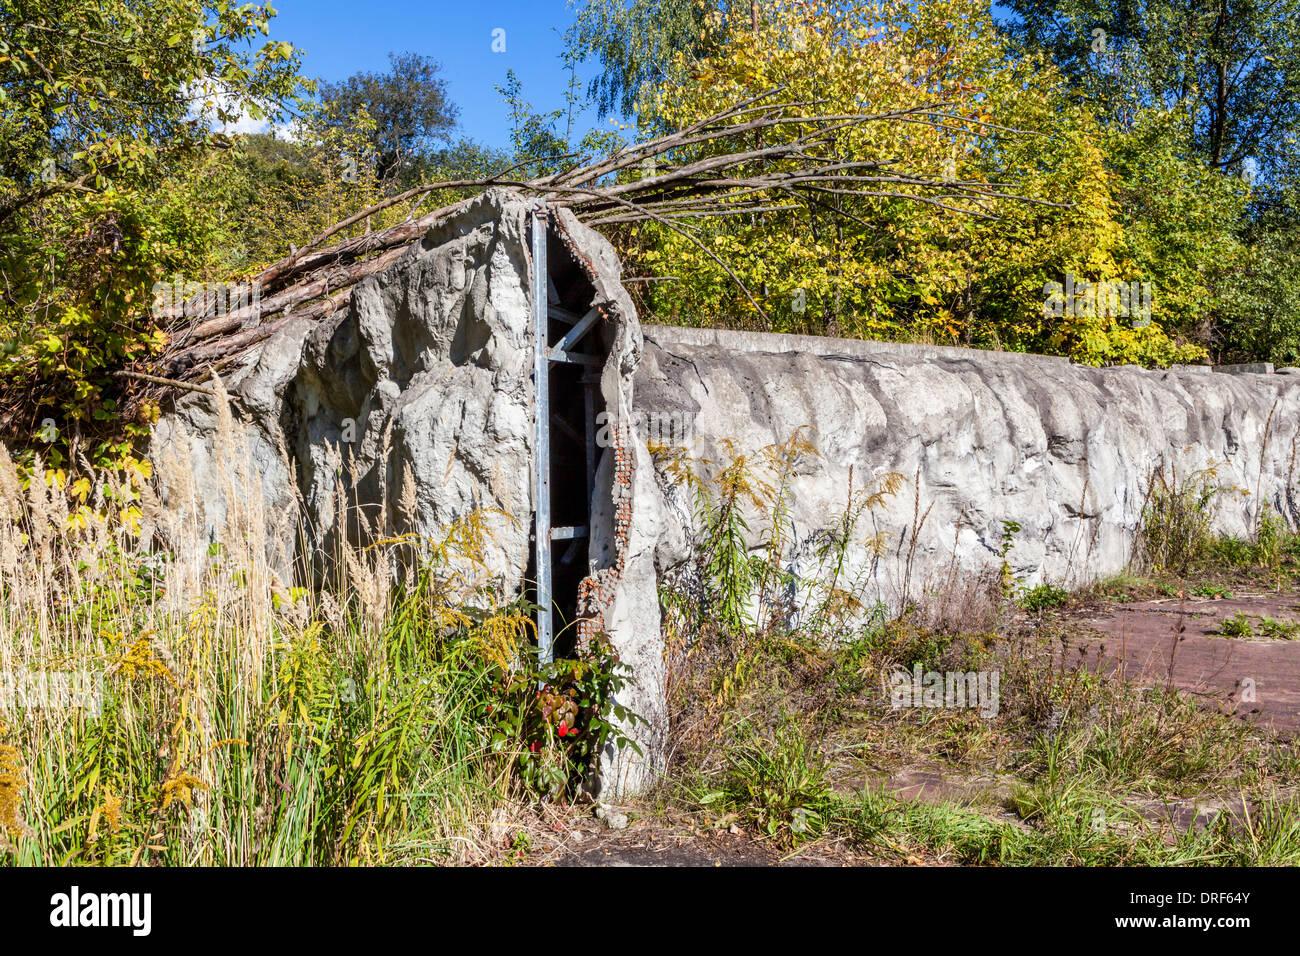 La dégradation du milieu urbain à l'abandon, de l'épave, le parc d'attractions désaffecté - Spreepark, Planterwald, Banque D'Images